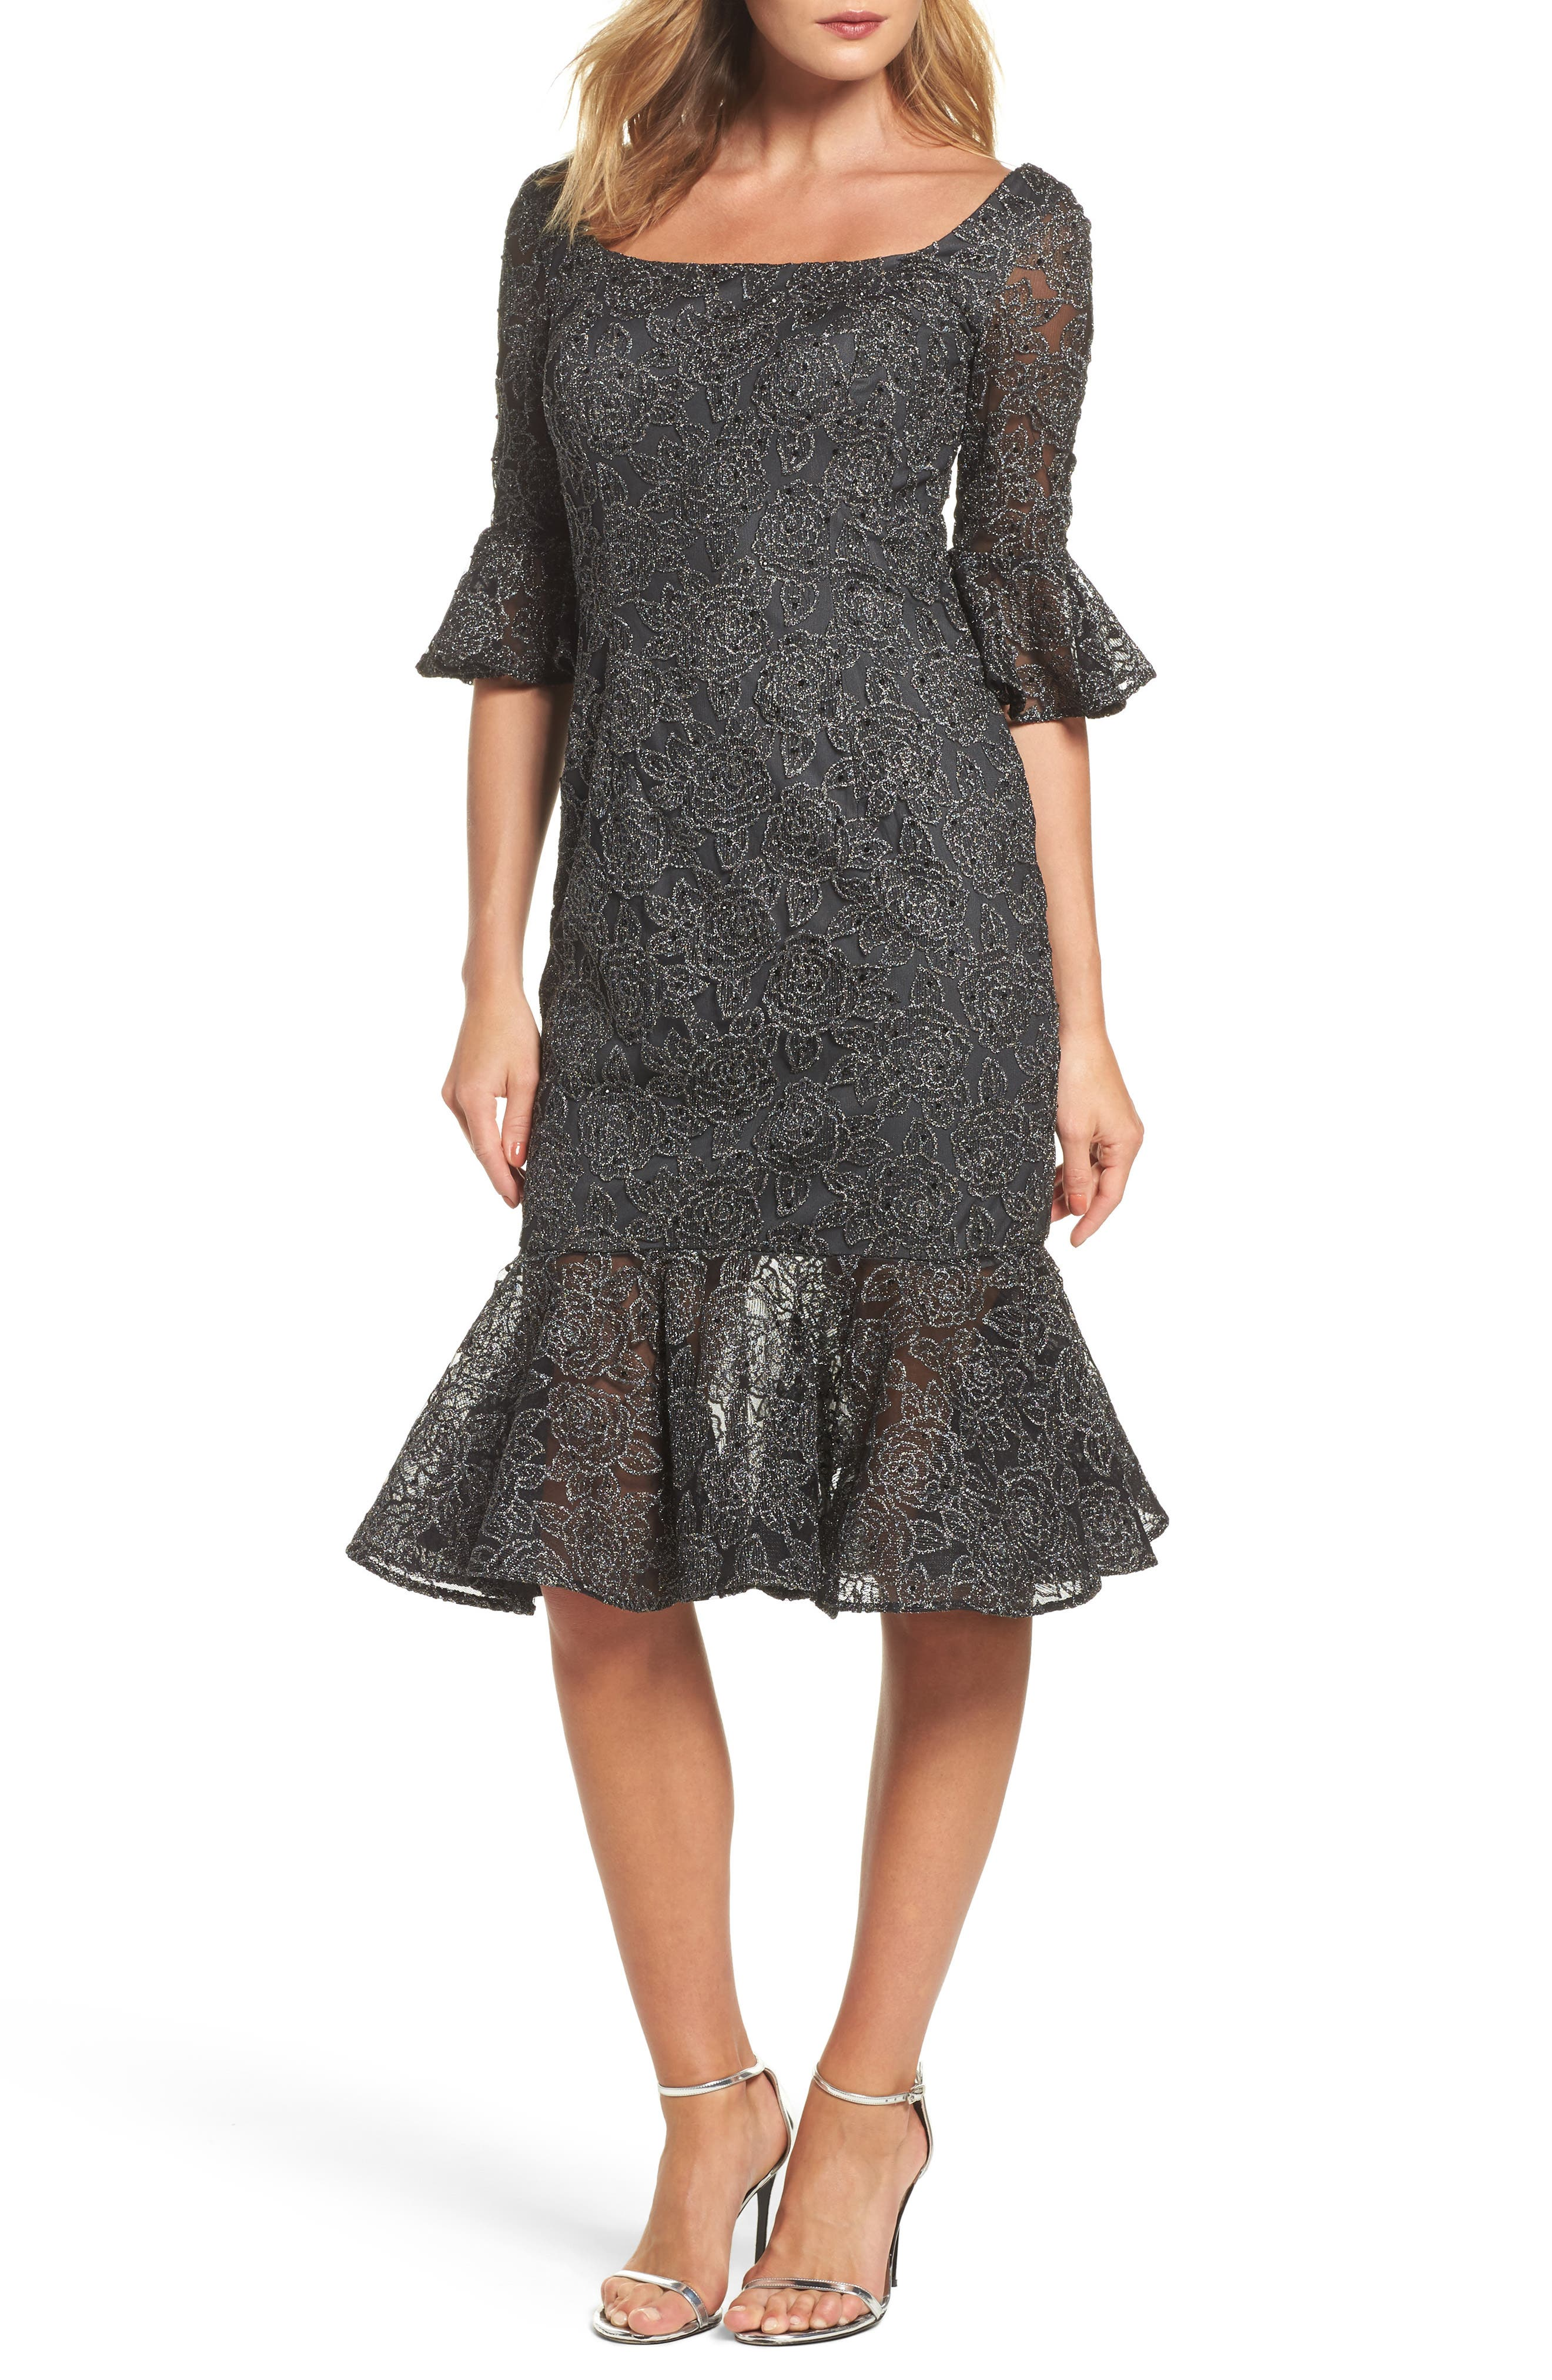 Alternate Image 1 Selected - La Femme Mermaid Hem Embroidered Mesh Sheath Dress